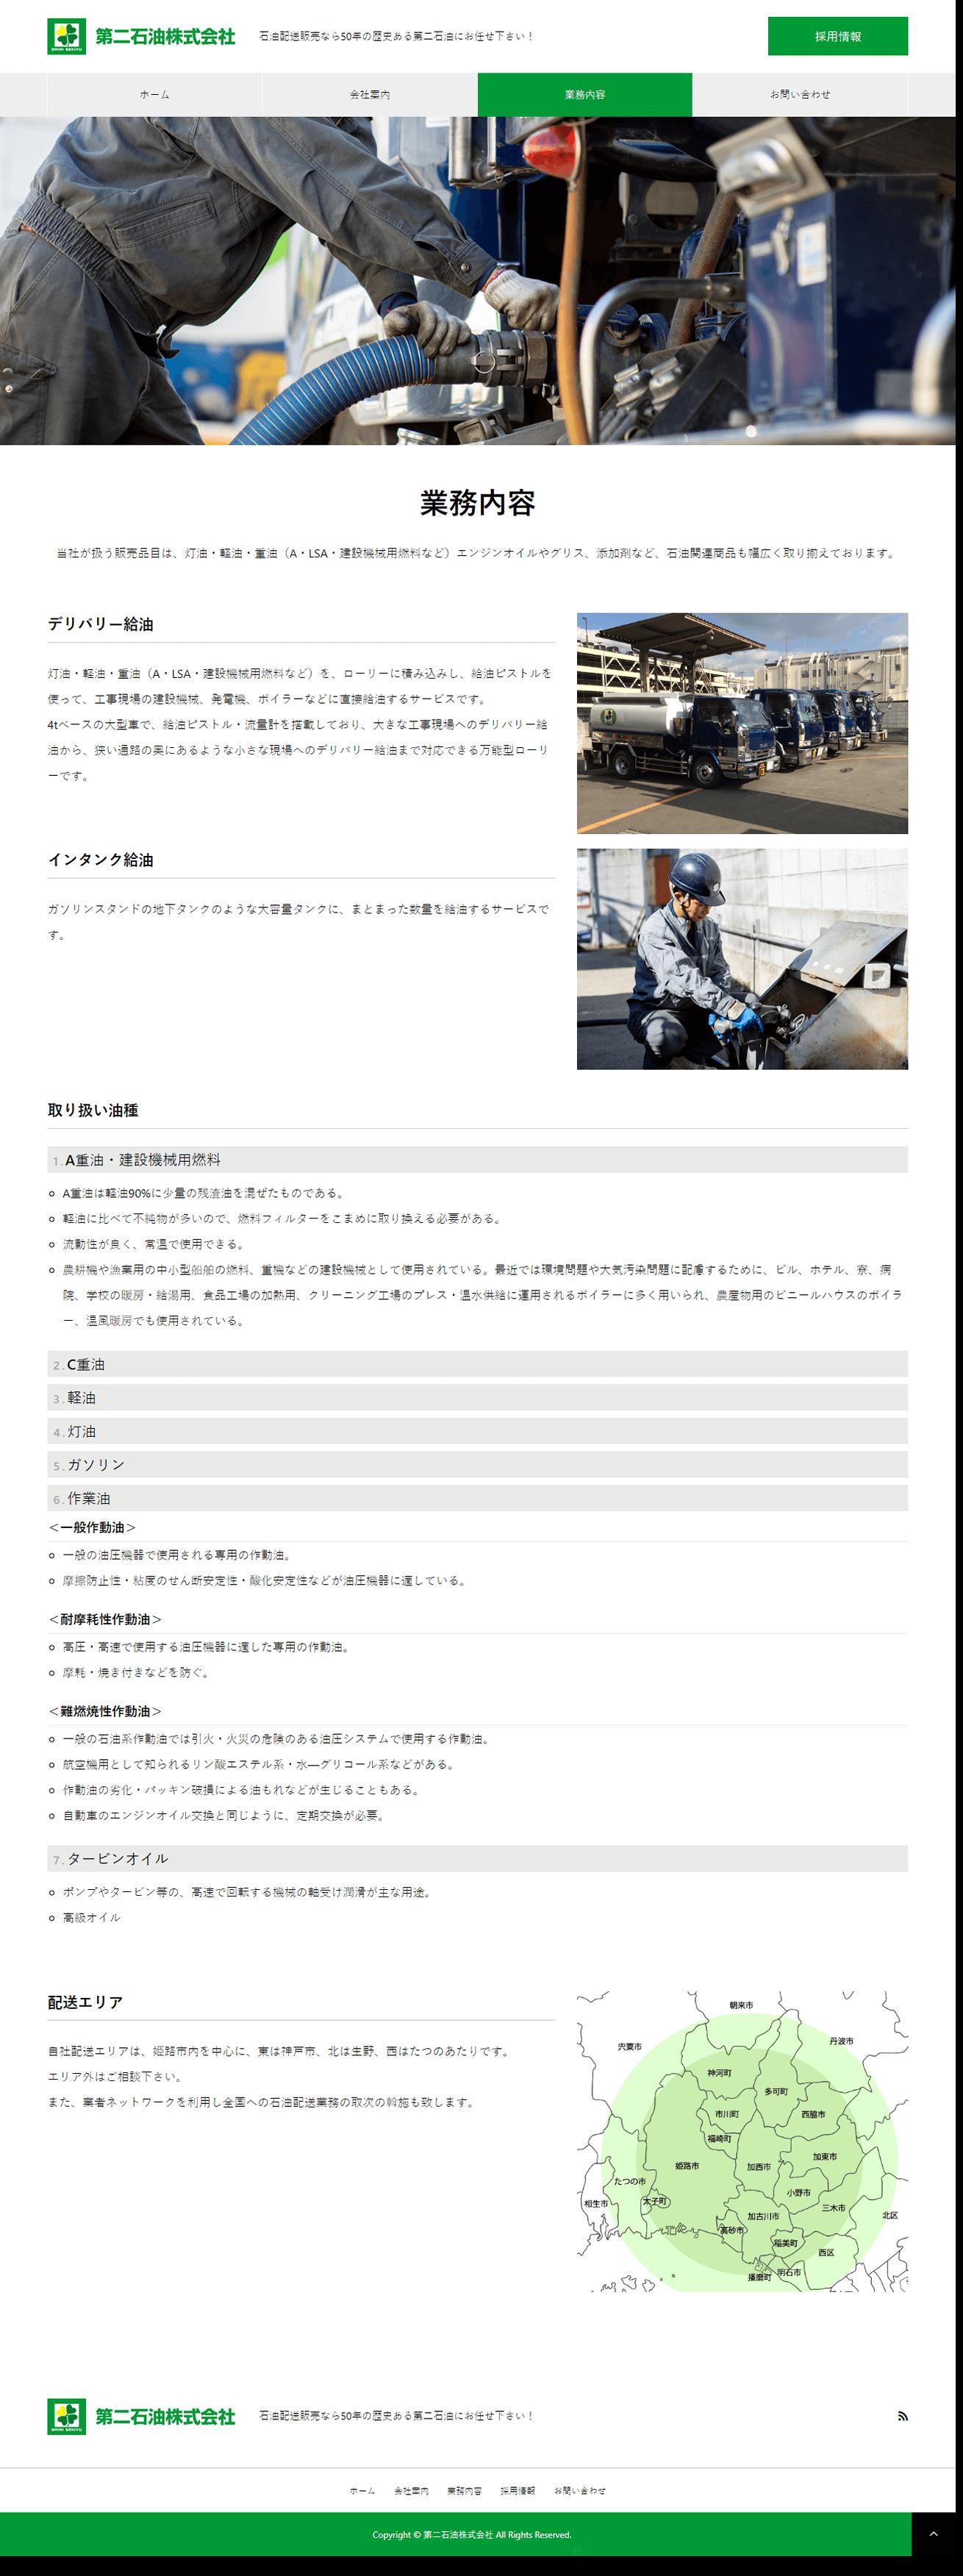 姫路市 第二石油株式会社 ホームページ制作2